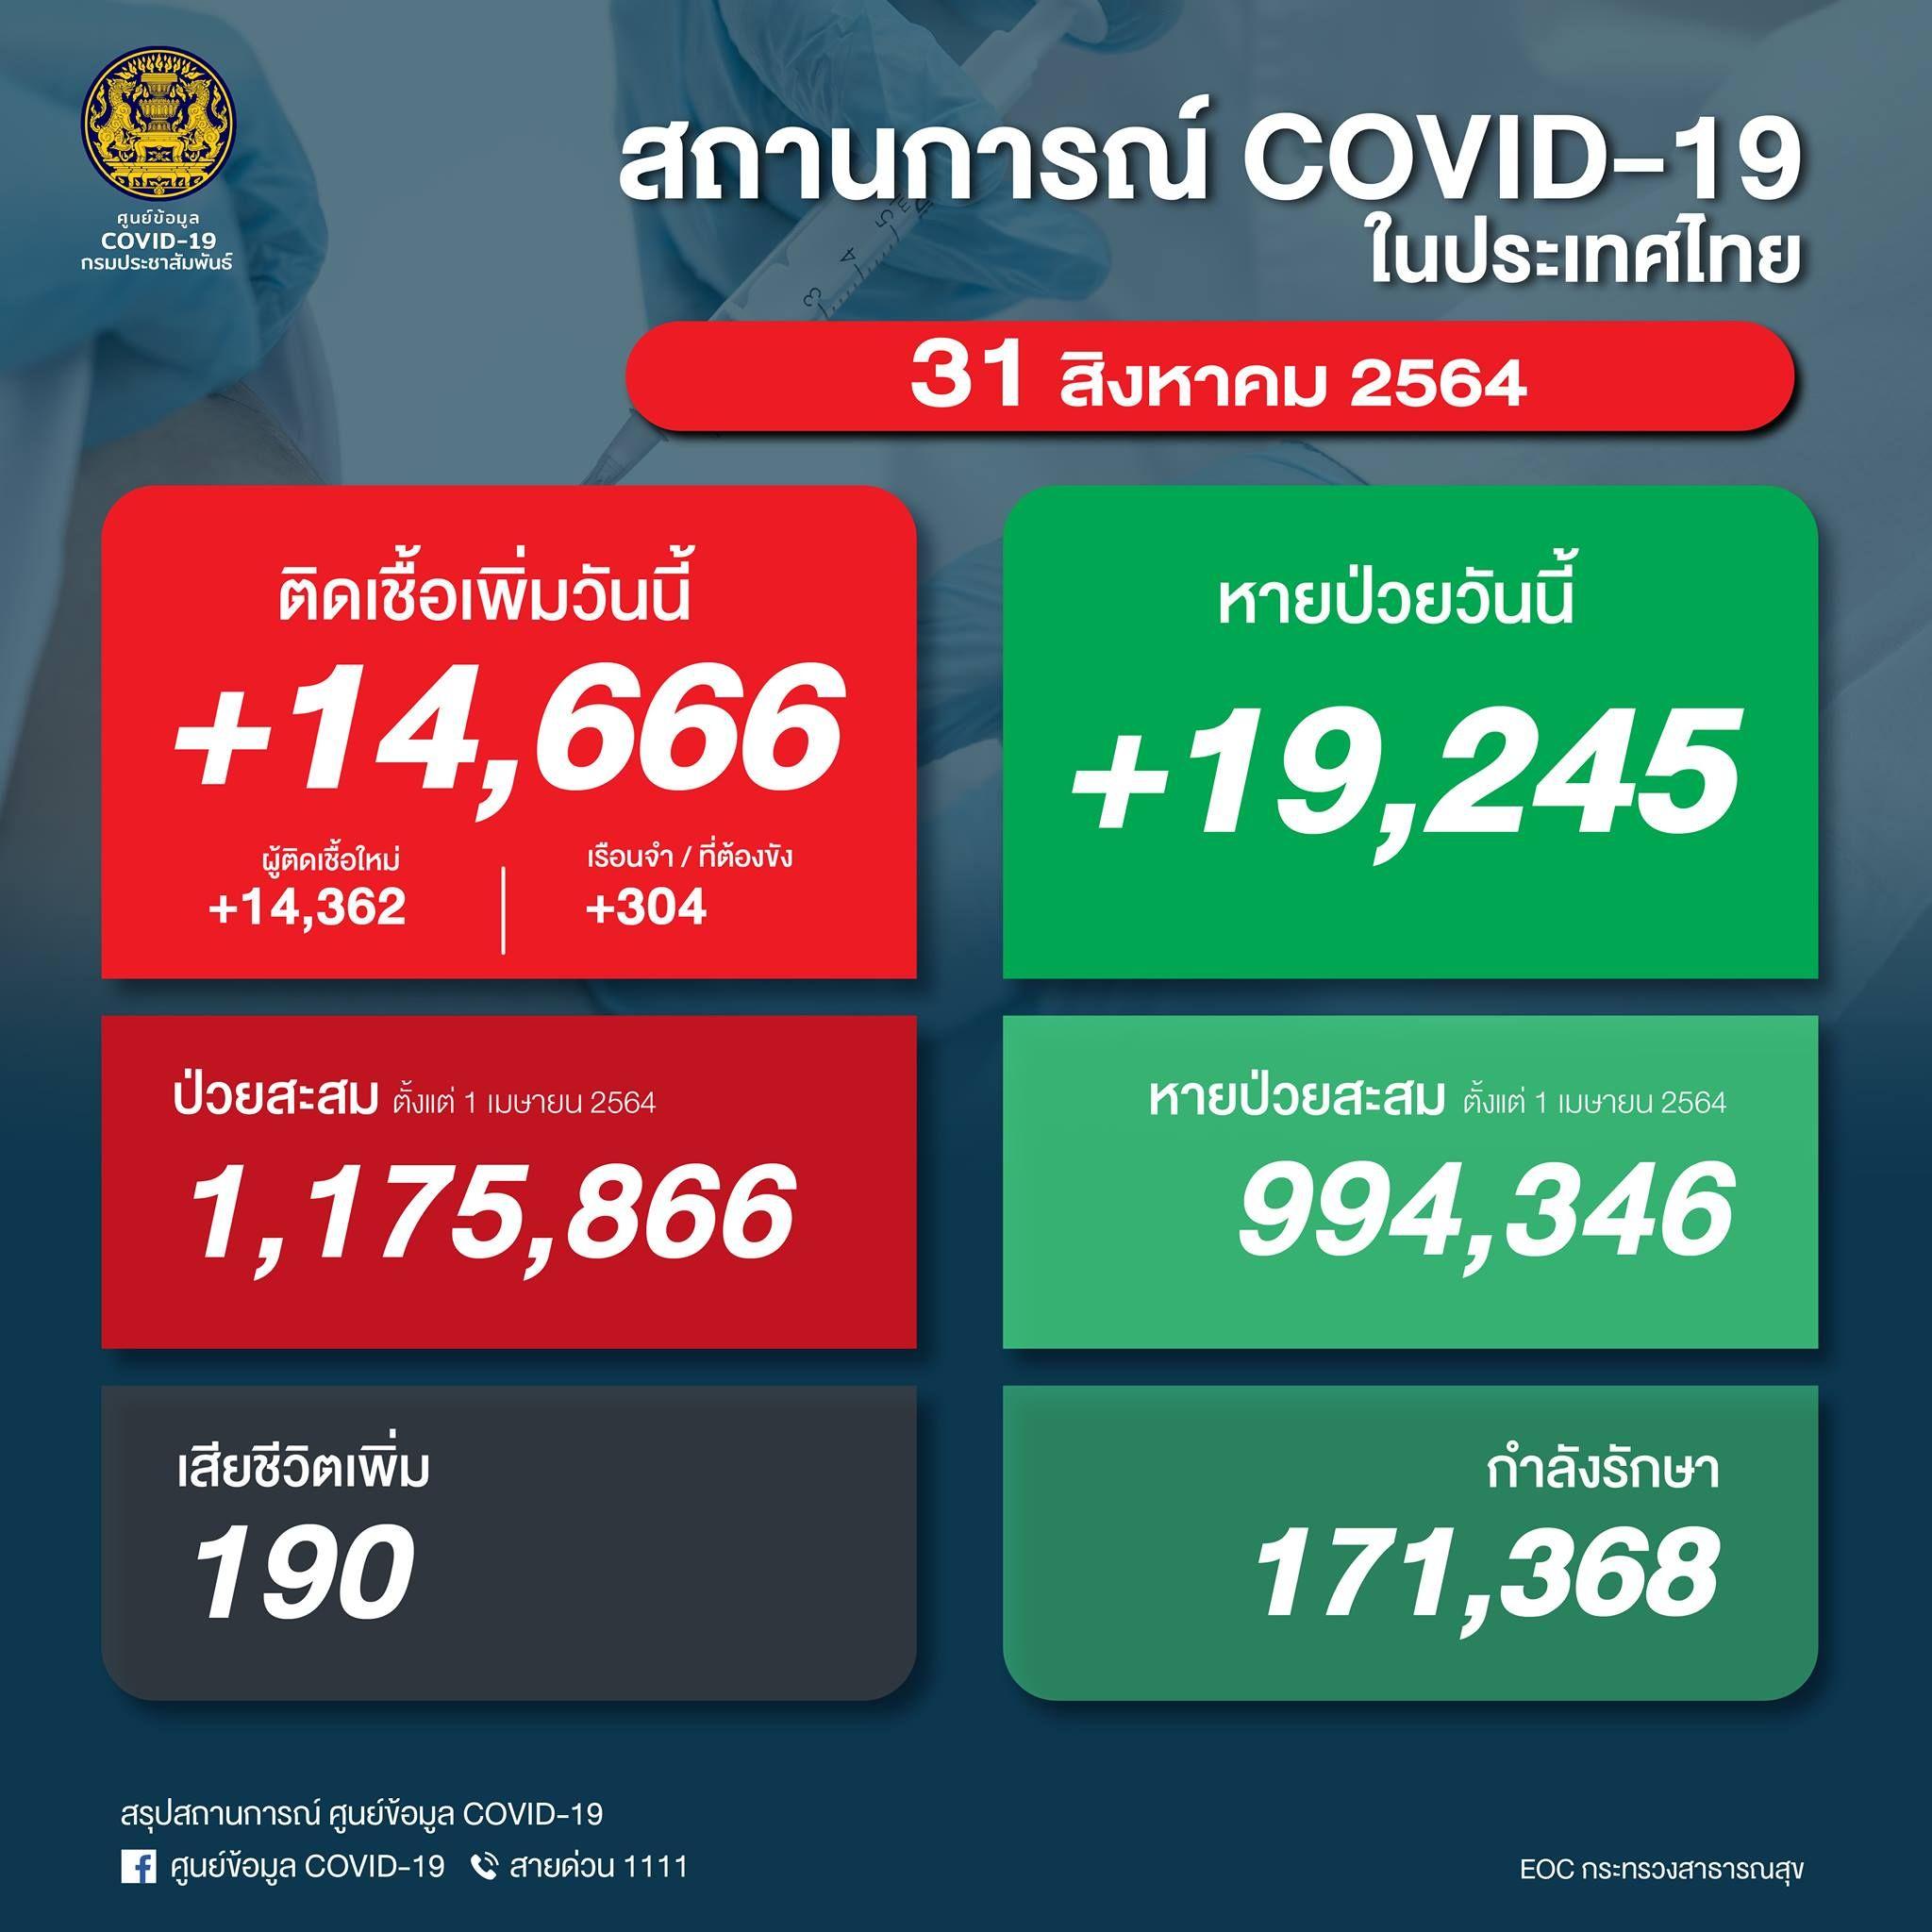 ด่วน! ยอด 'โควิด-19' วันนี้ เฝ้าระวัง! พบเสียชีวิต 190 ราย ติดเชื้อเพิ่ม  14,666 ราย ไม่รวม ATK อีก 866 ราย